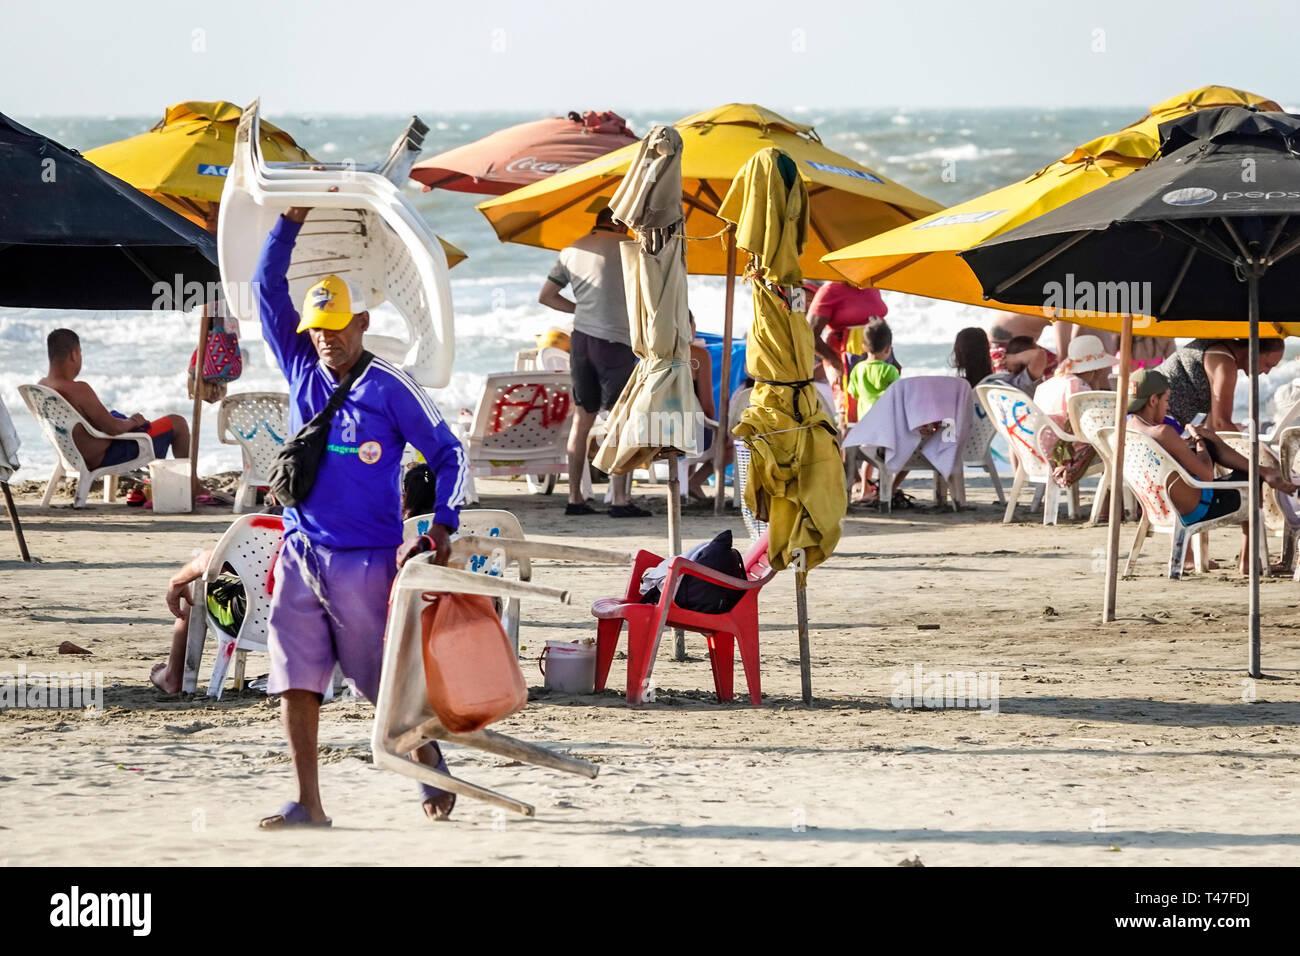 Cartagena Kolumbien El Laguito Hispanic Bewohner Bewohner mann Karibik öffentlichen Strand Sonnenschirme Durchführung Vermietung Stühle sand Stockbild